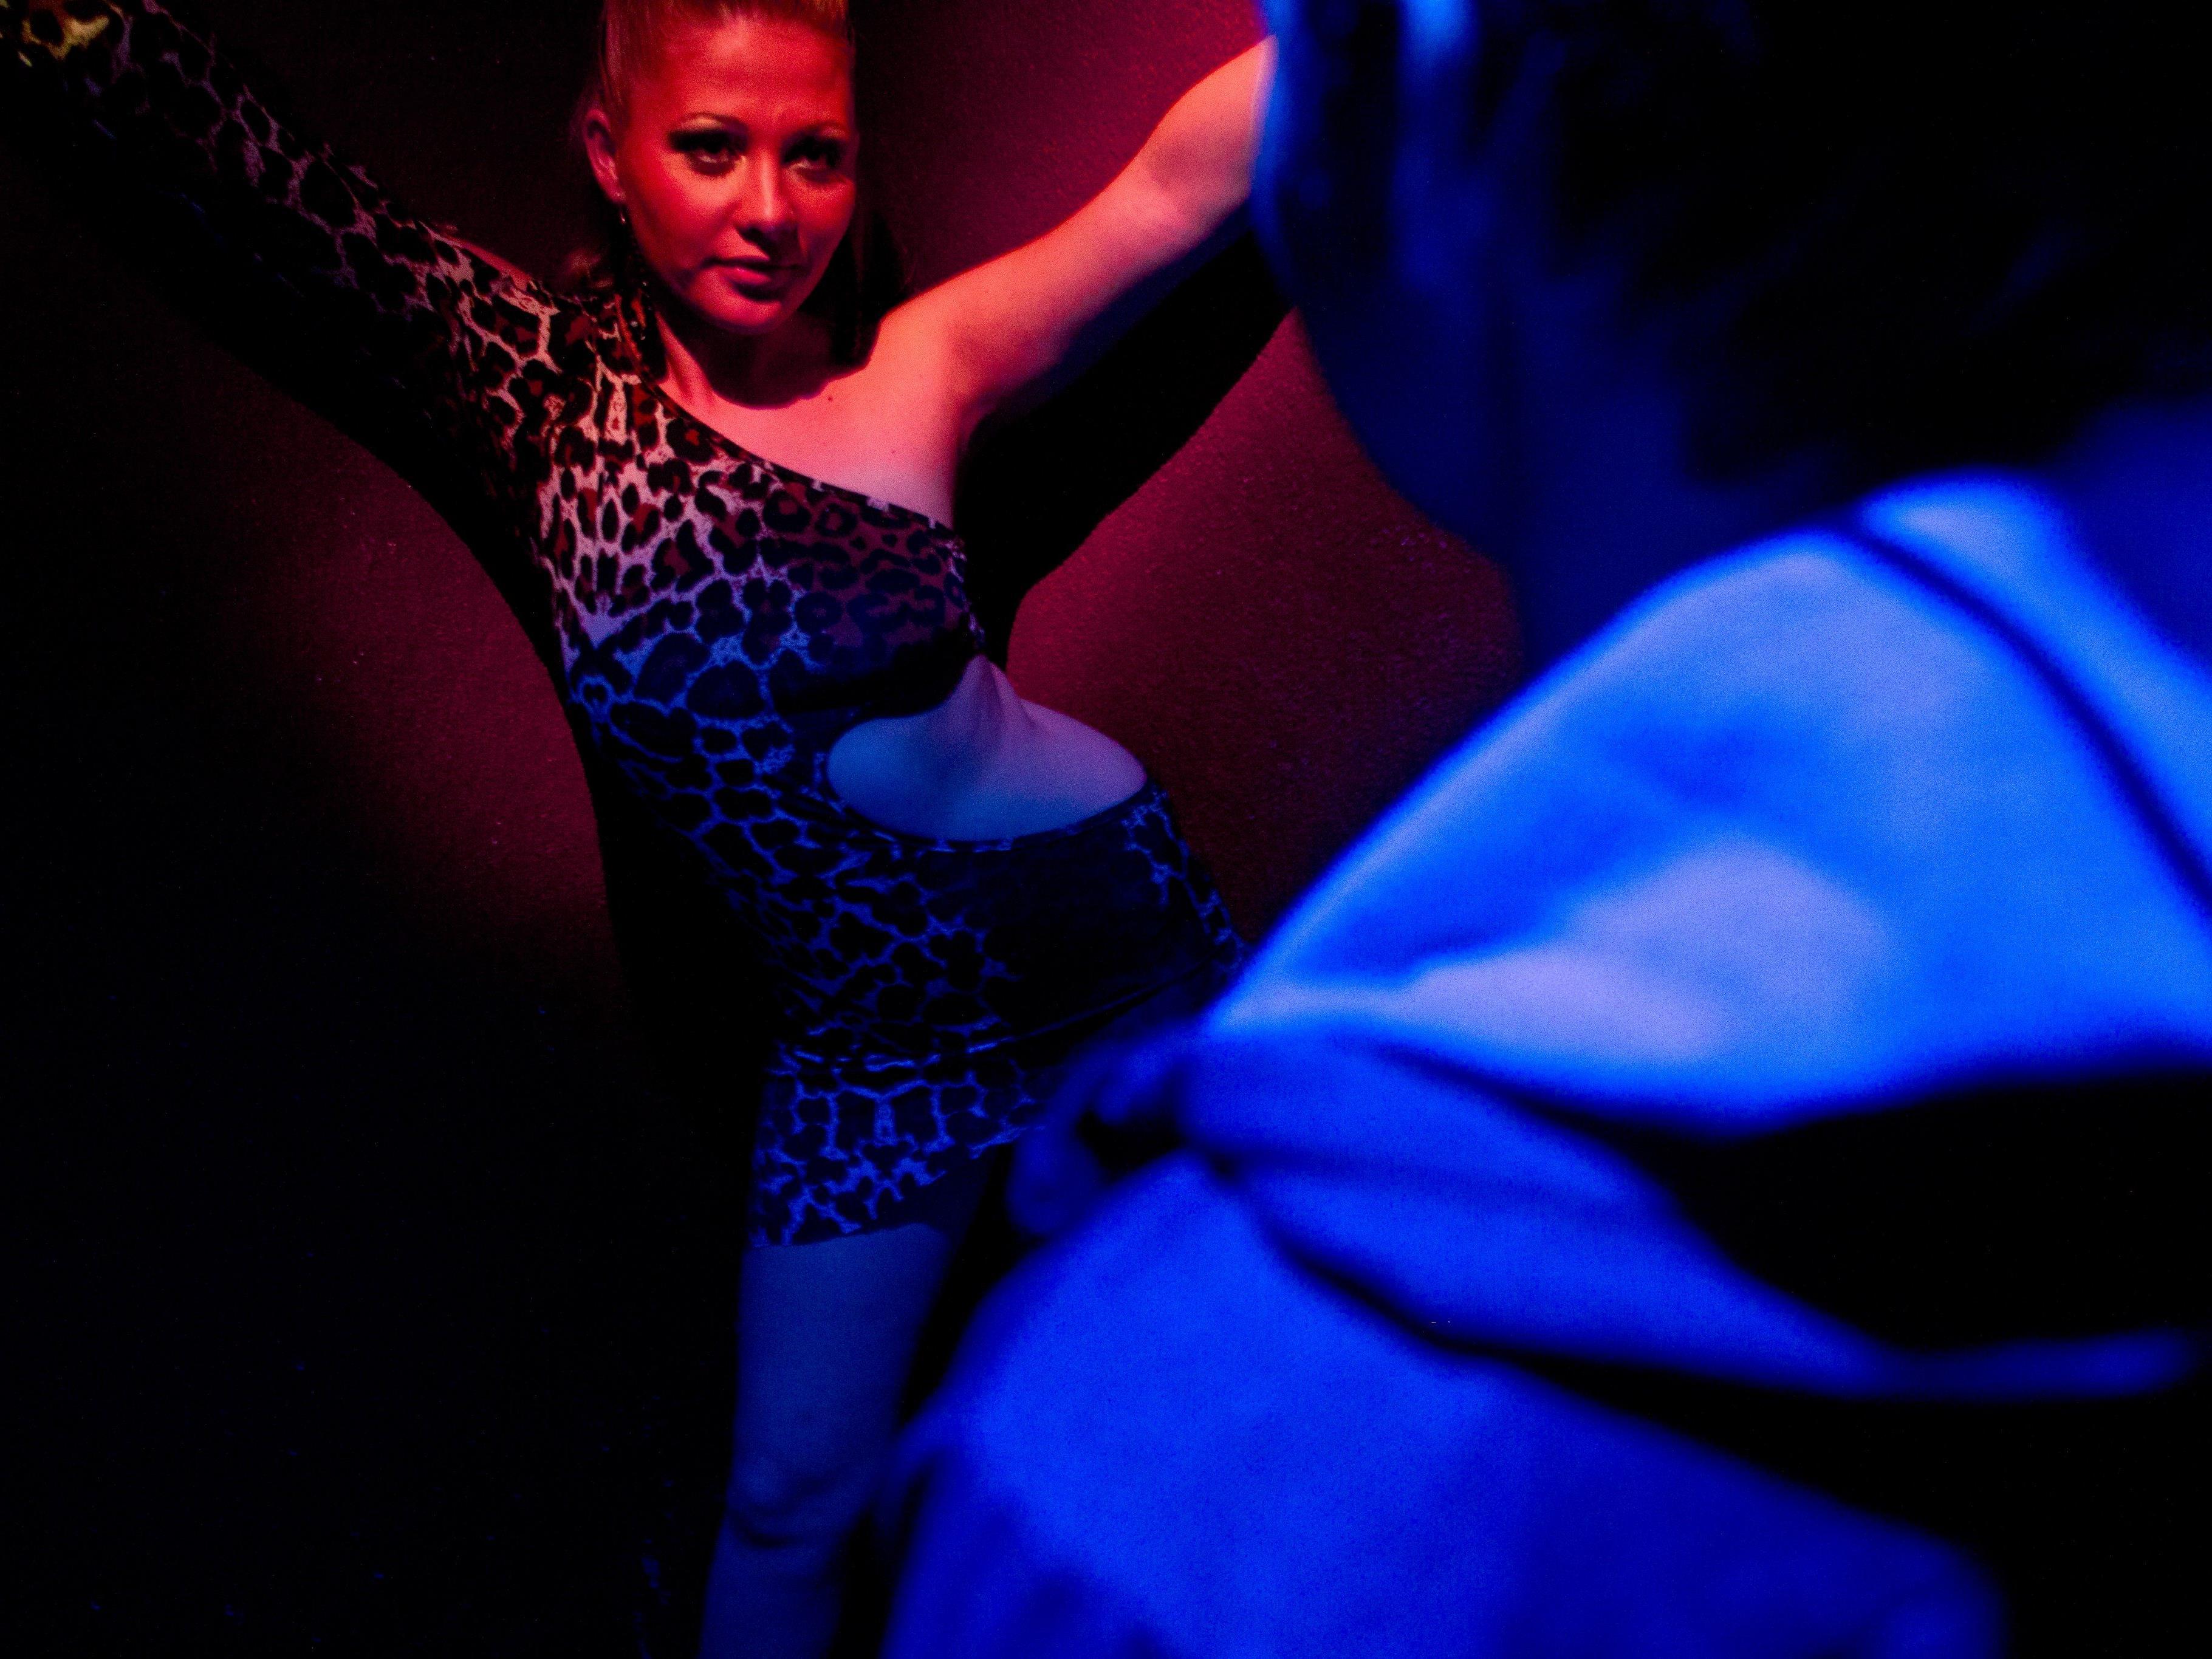 Auf Sex-Partys gehen Jugendliche das Risiko ein, sich mit HIV anzustecken.